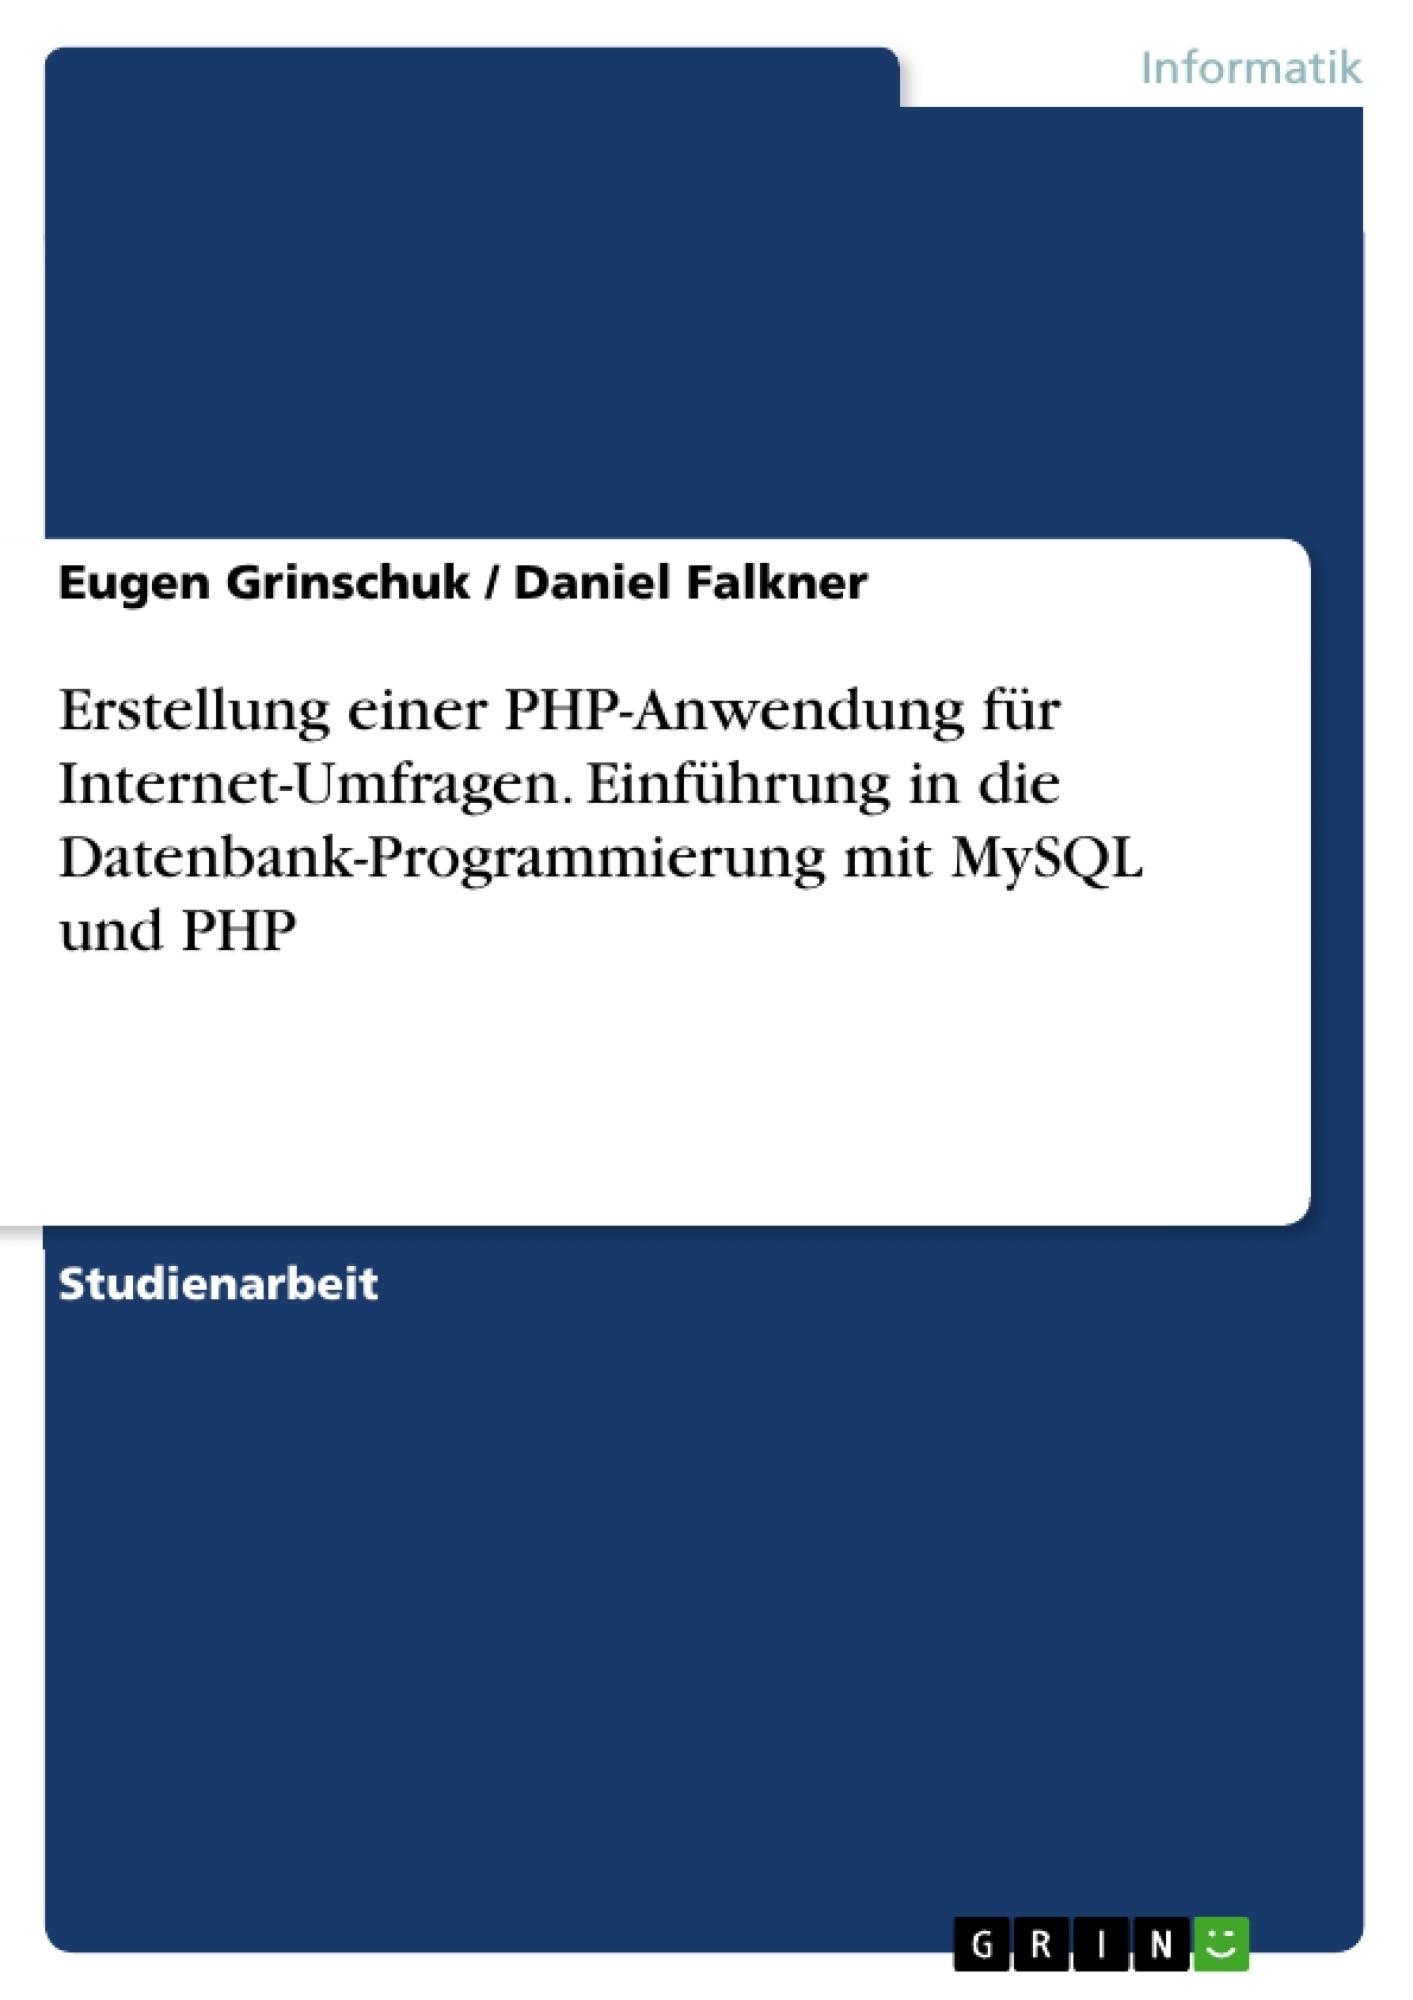 Titel: Erstellung einer PHP-Anwendung für Internet-Umfragen. Einführung in die Datenbank-Programmierung mit MySQL und PHP